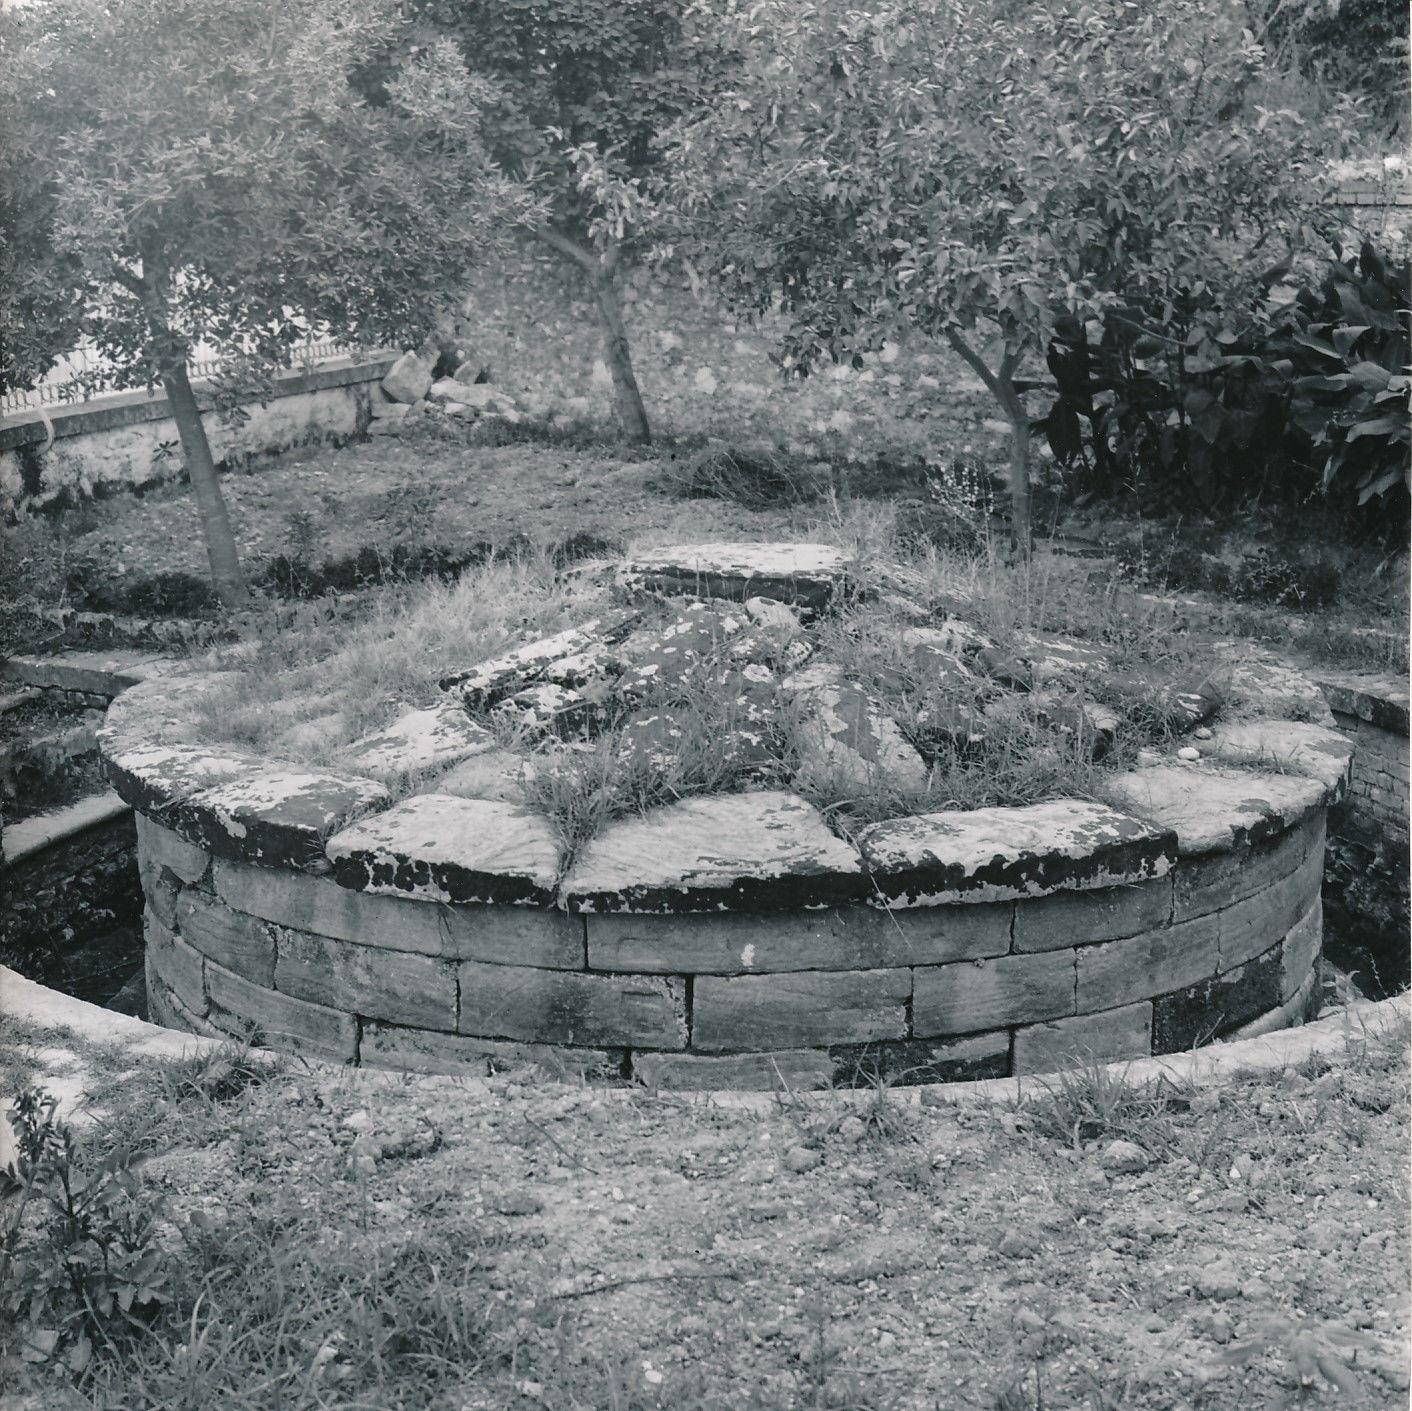 1960. Керкира. Гробница Менекрата, датируется VII-VI веком до нашей эры